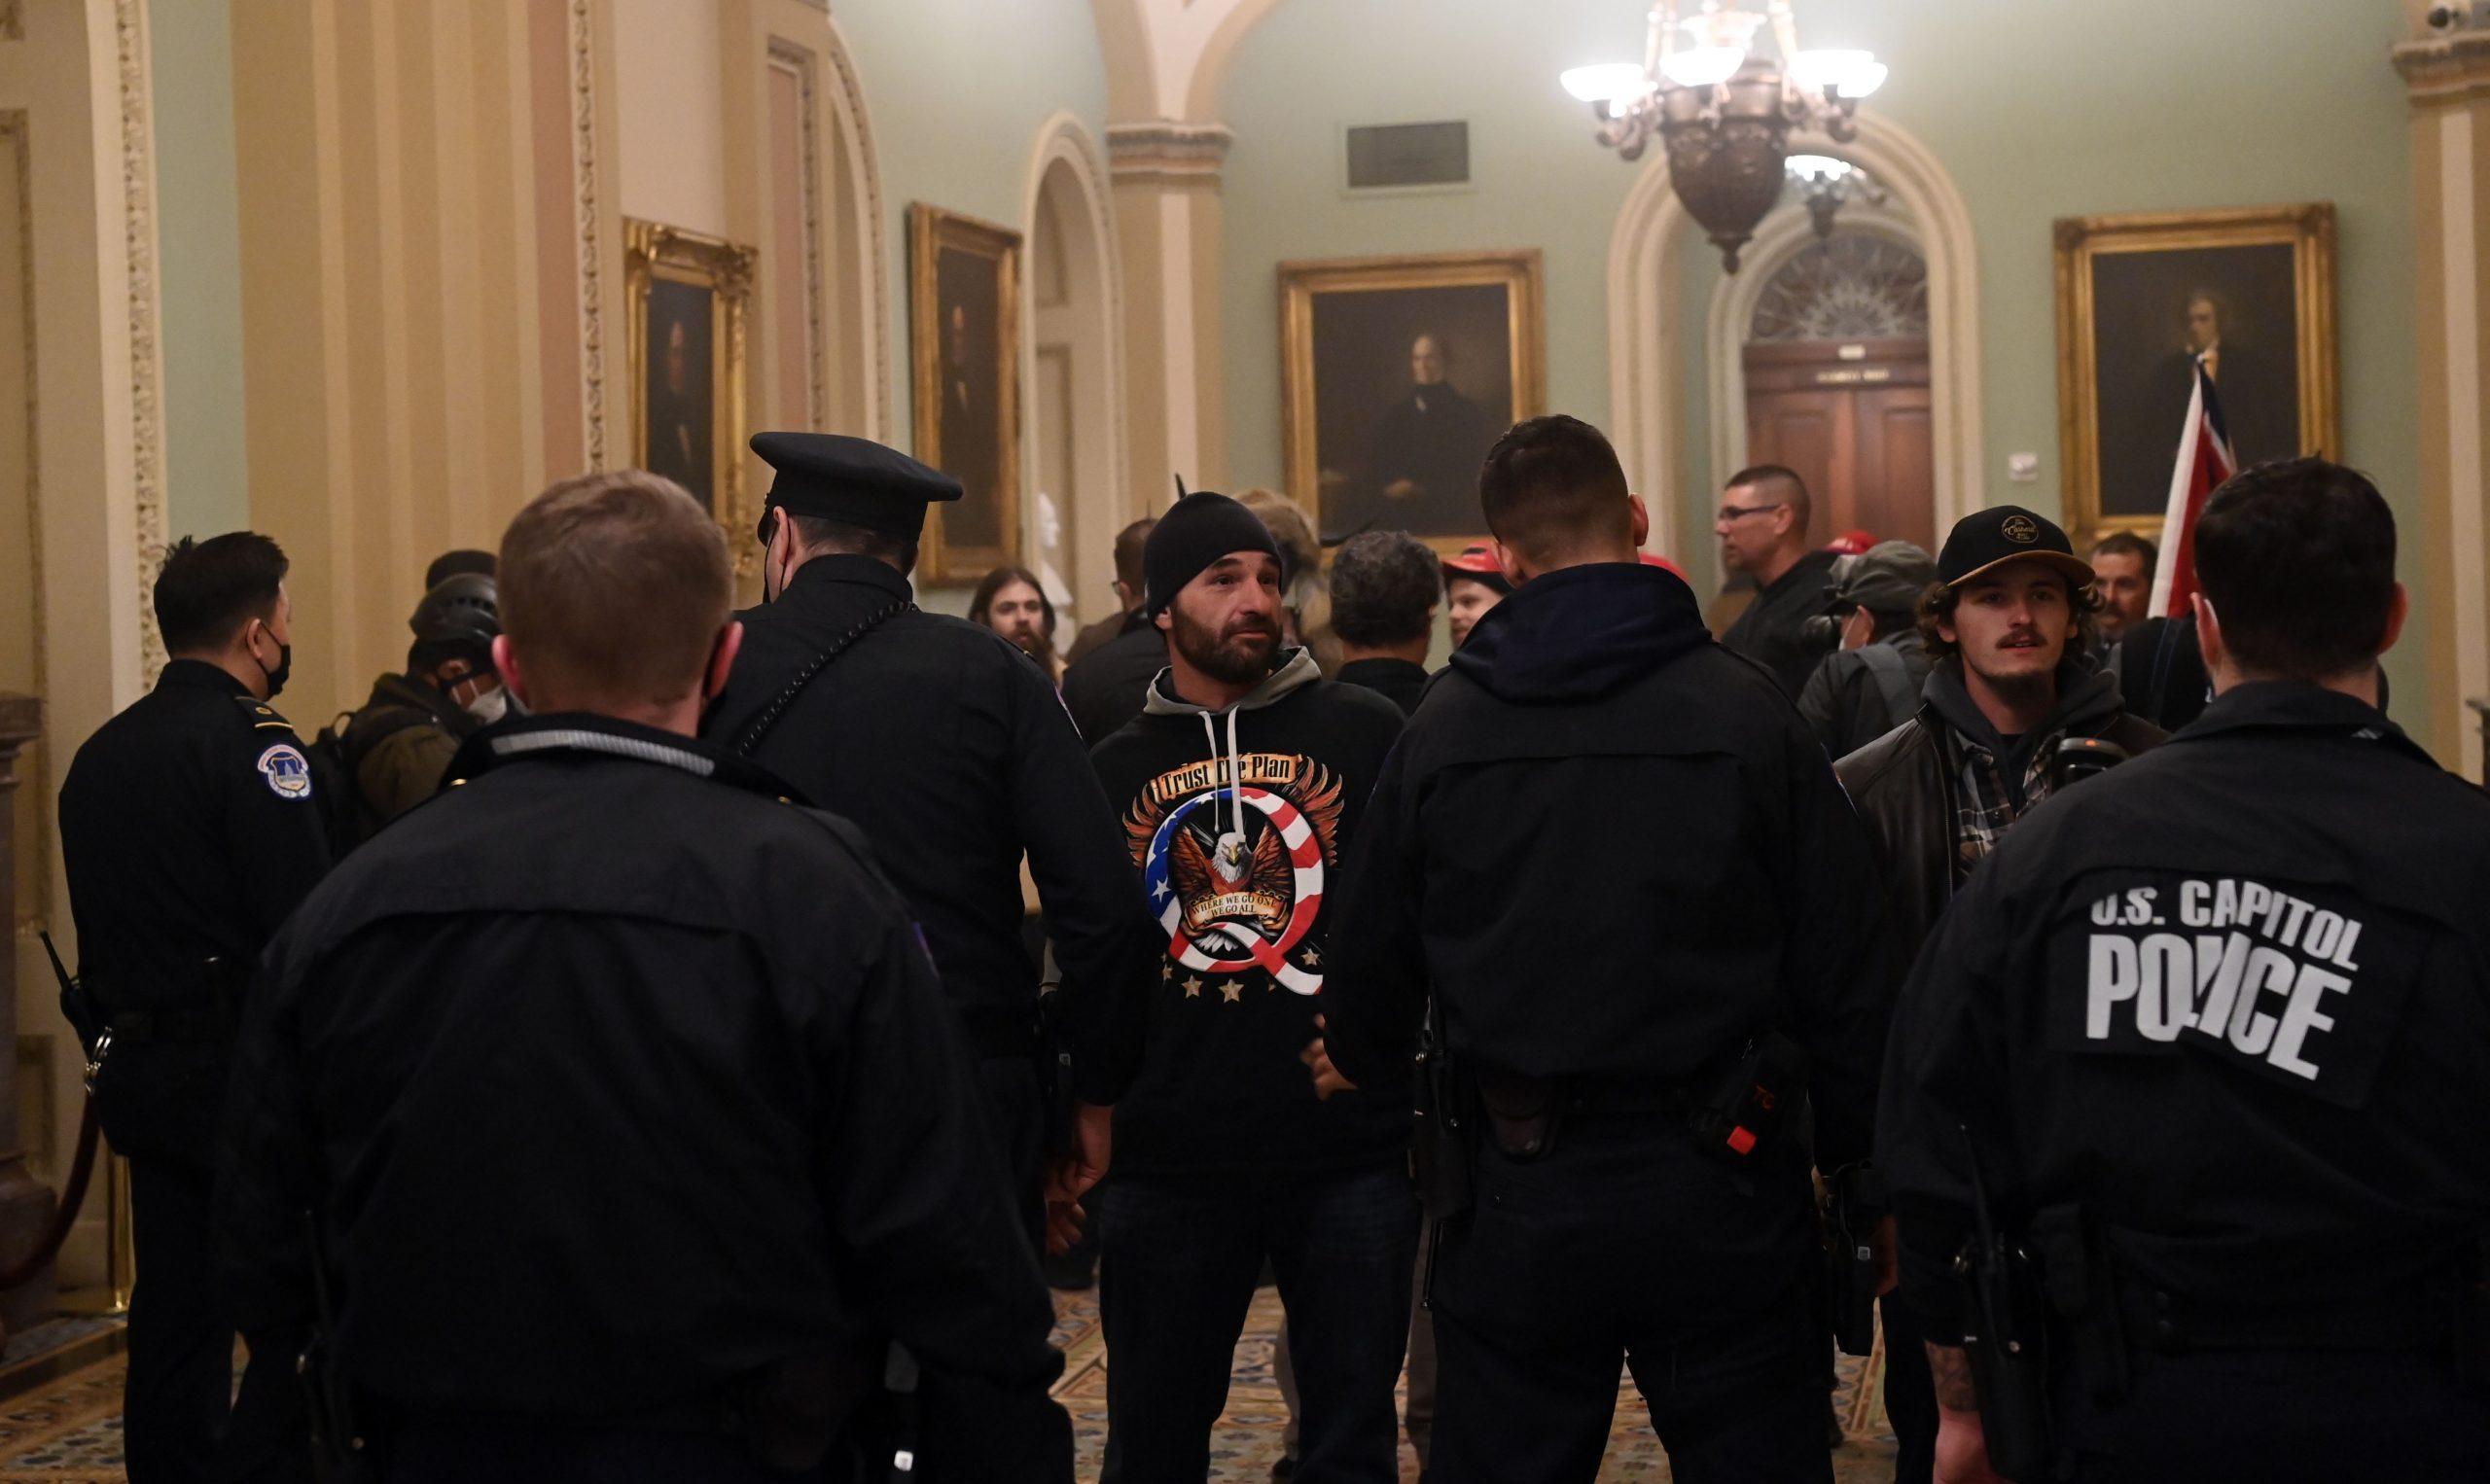 """Gesichtserkennungssoftware soll Antifa-Mitglieder identifiziert haben – """"Washington Times"""" zieht Aussage zurück"""